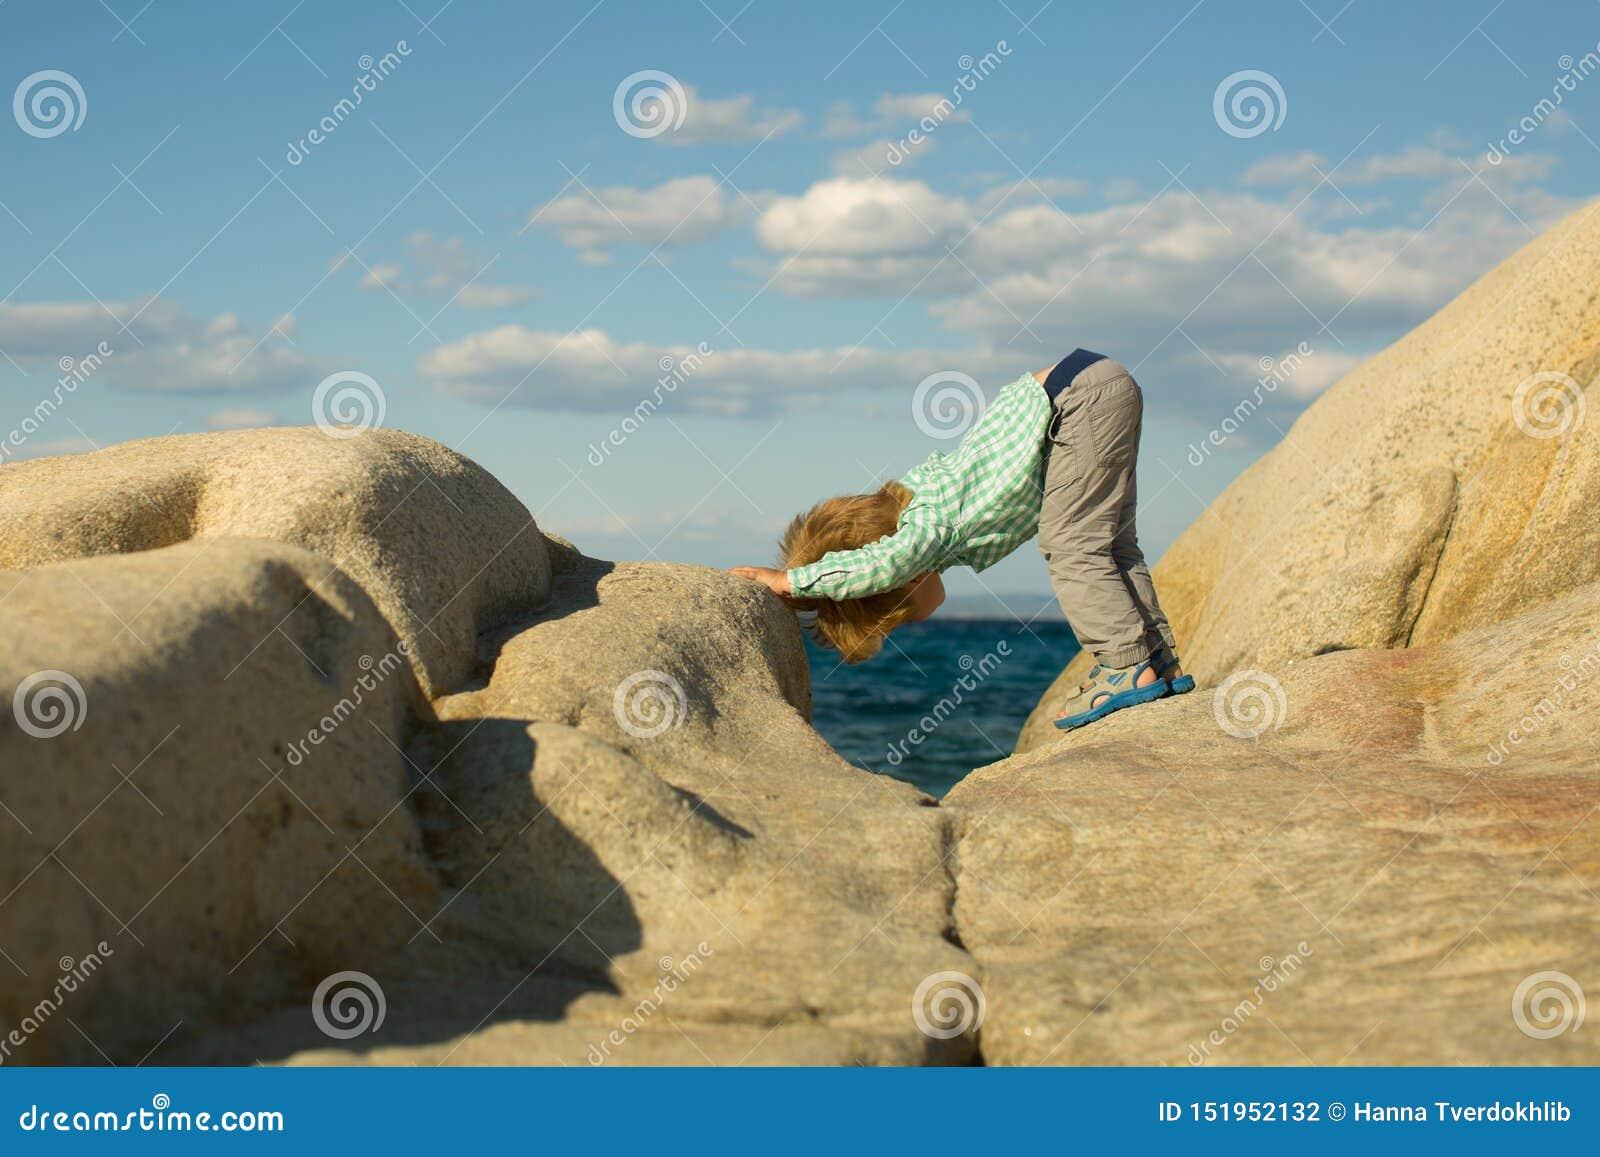 Γιόγκα Γιόγκα παιδιών Αθλητισμός που εκπαιδεύει για τα παιδιά στη φύση Θάλασσα και αθλητισμός Άσπρες πέτρες στην ακτή Χαριτωμένο